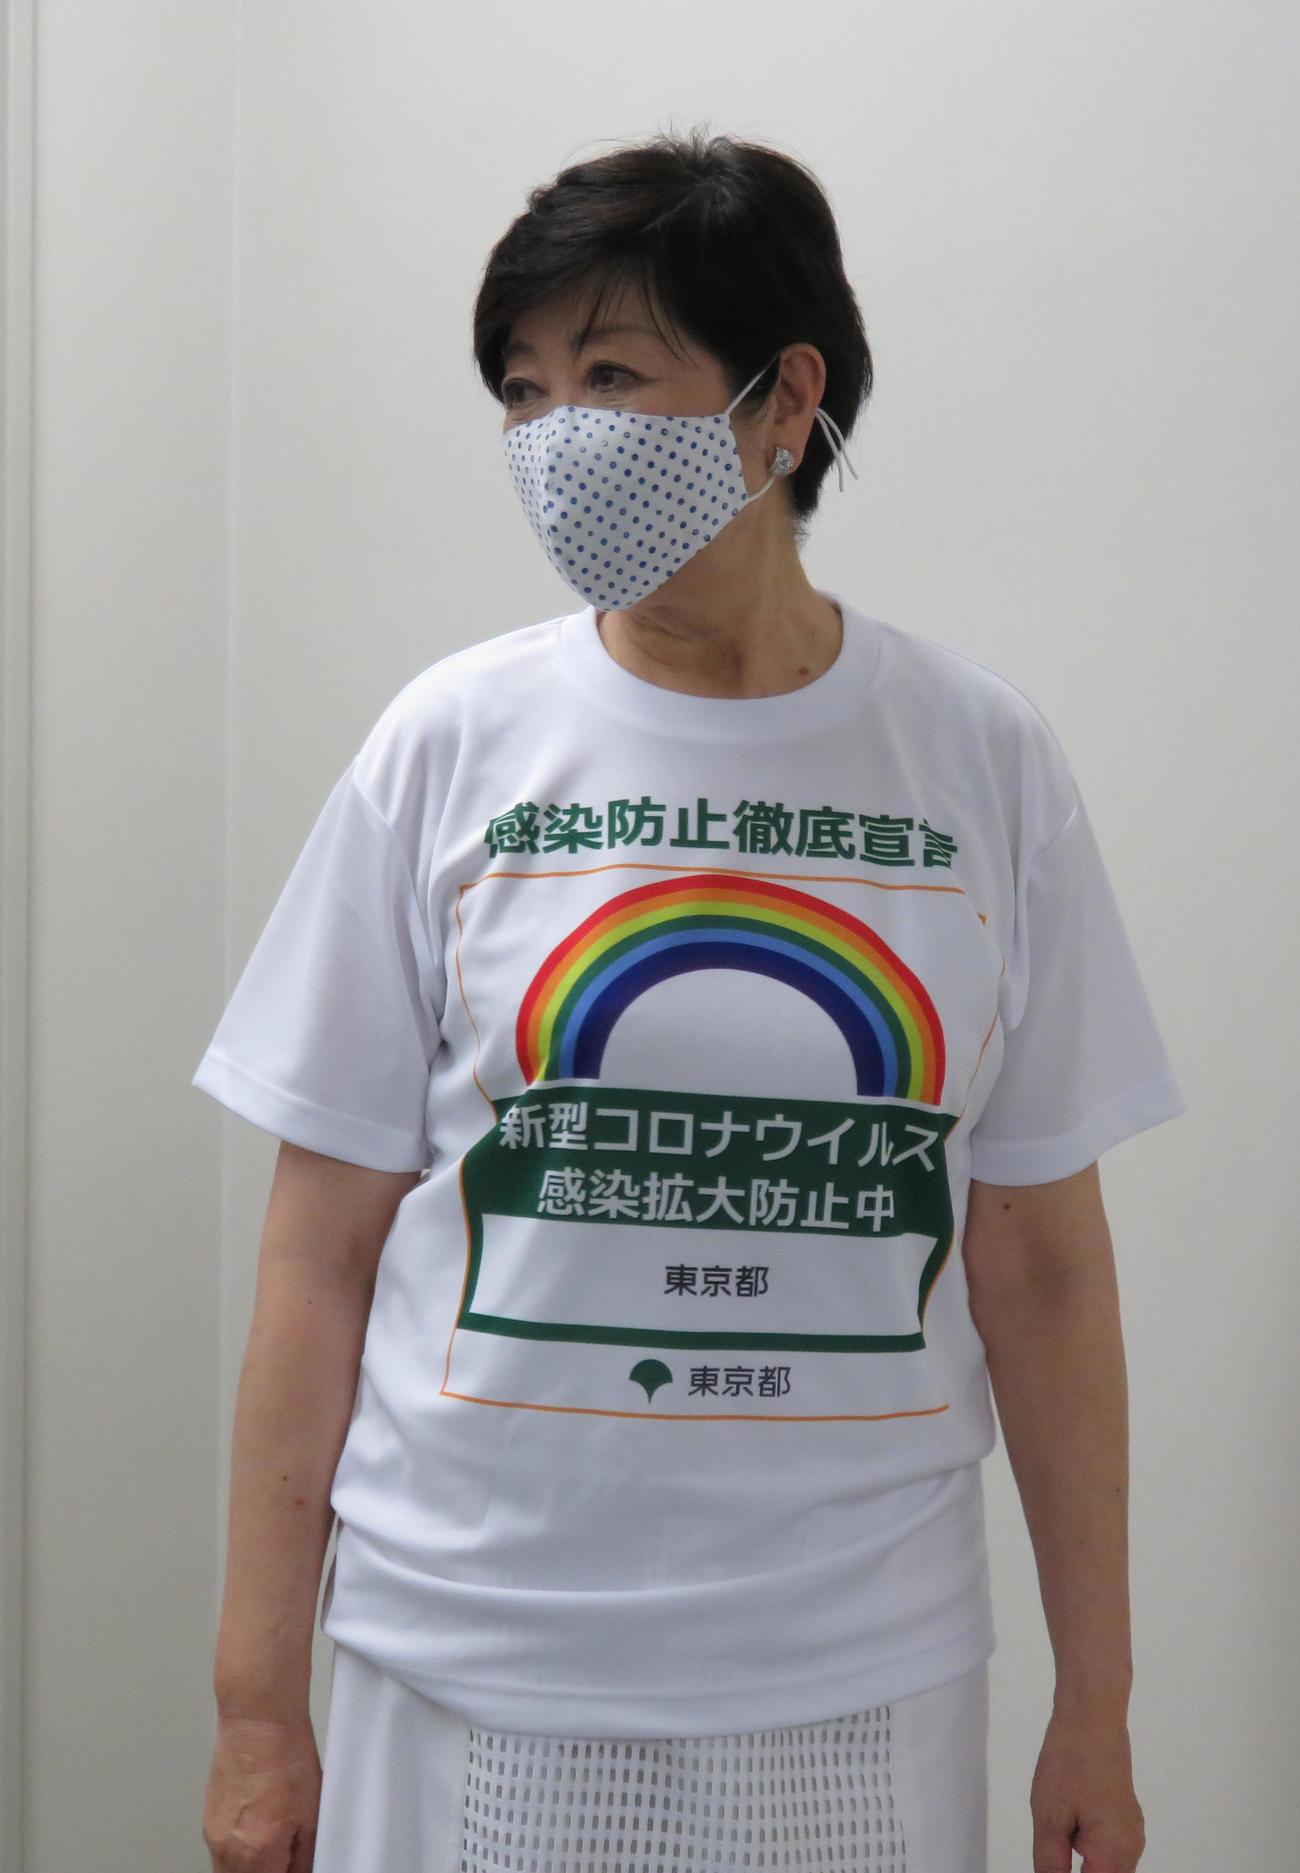 感染防止徹底宣言ステッカーがプリントされたTシャツを着用し、会見終了後、写真撮影に応じた東京都の小池百合子知事(撮影・佐藤勝亮)